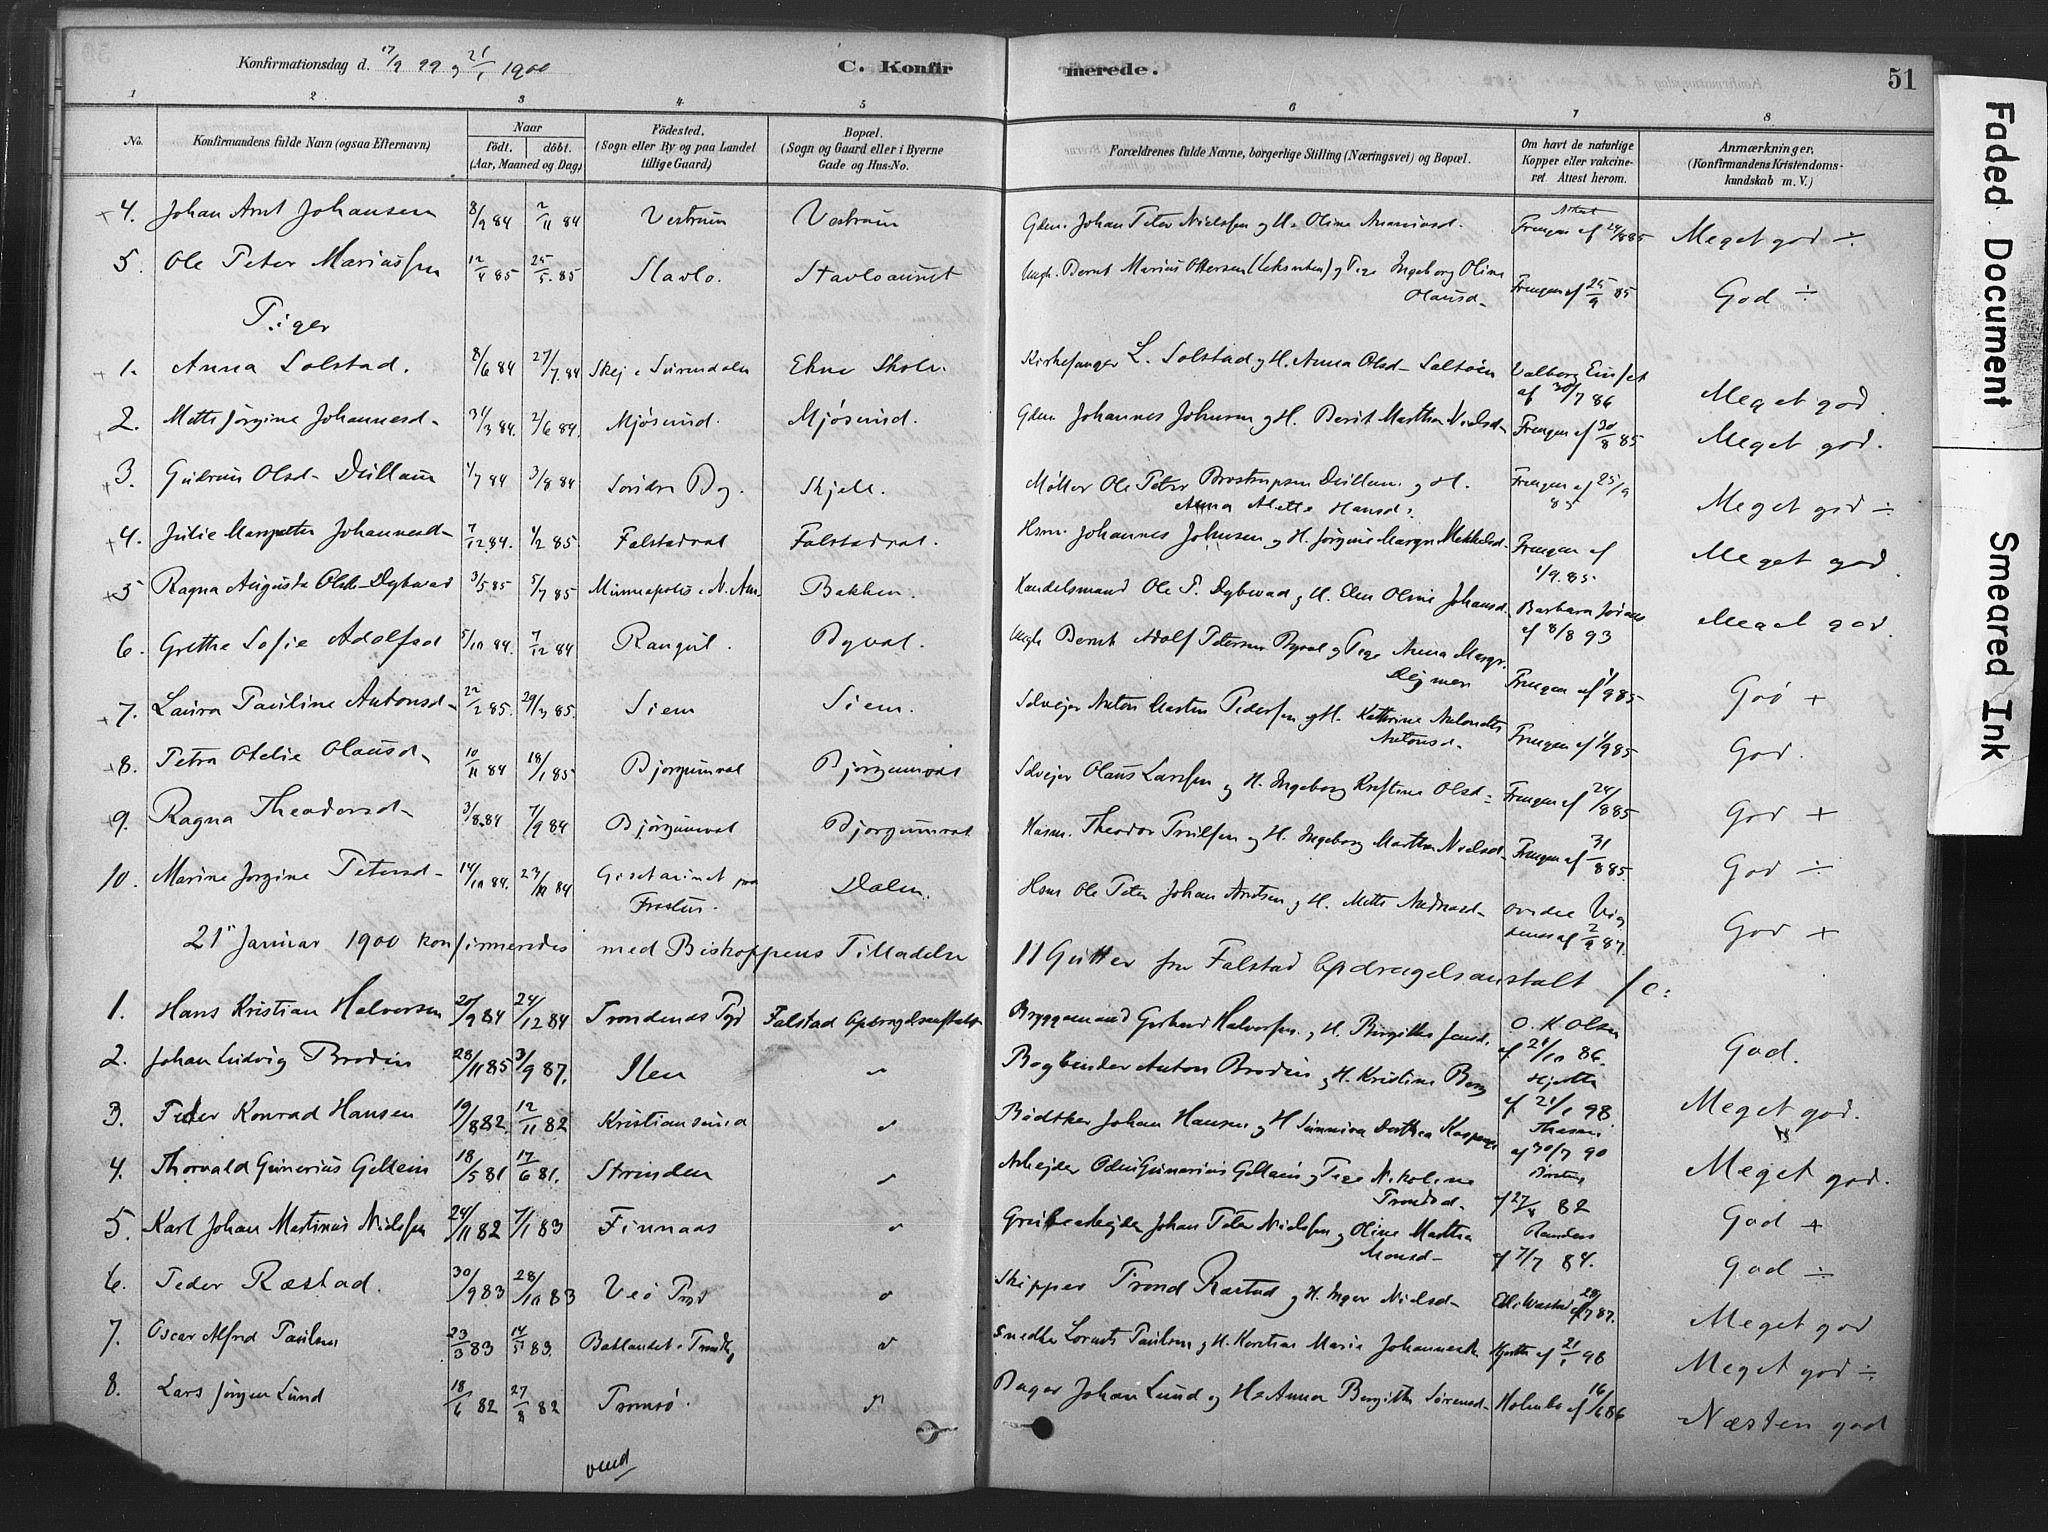 SAT, Ministerialprotokoller, klokkerbøker og fødselsregistre - Nord-Trøndelag, 719/L0178: Ministerialbok nr. 719A01, 1878-1900, s. 51